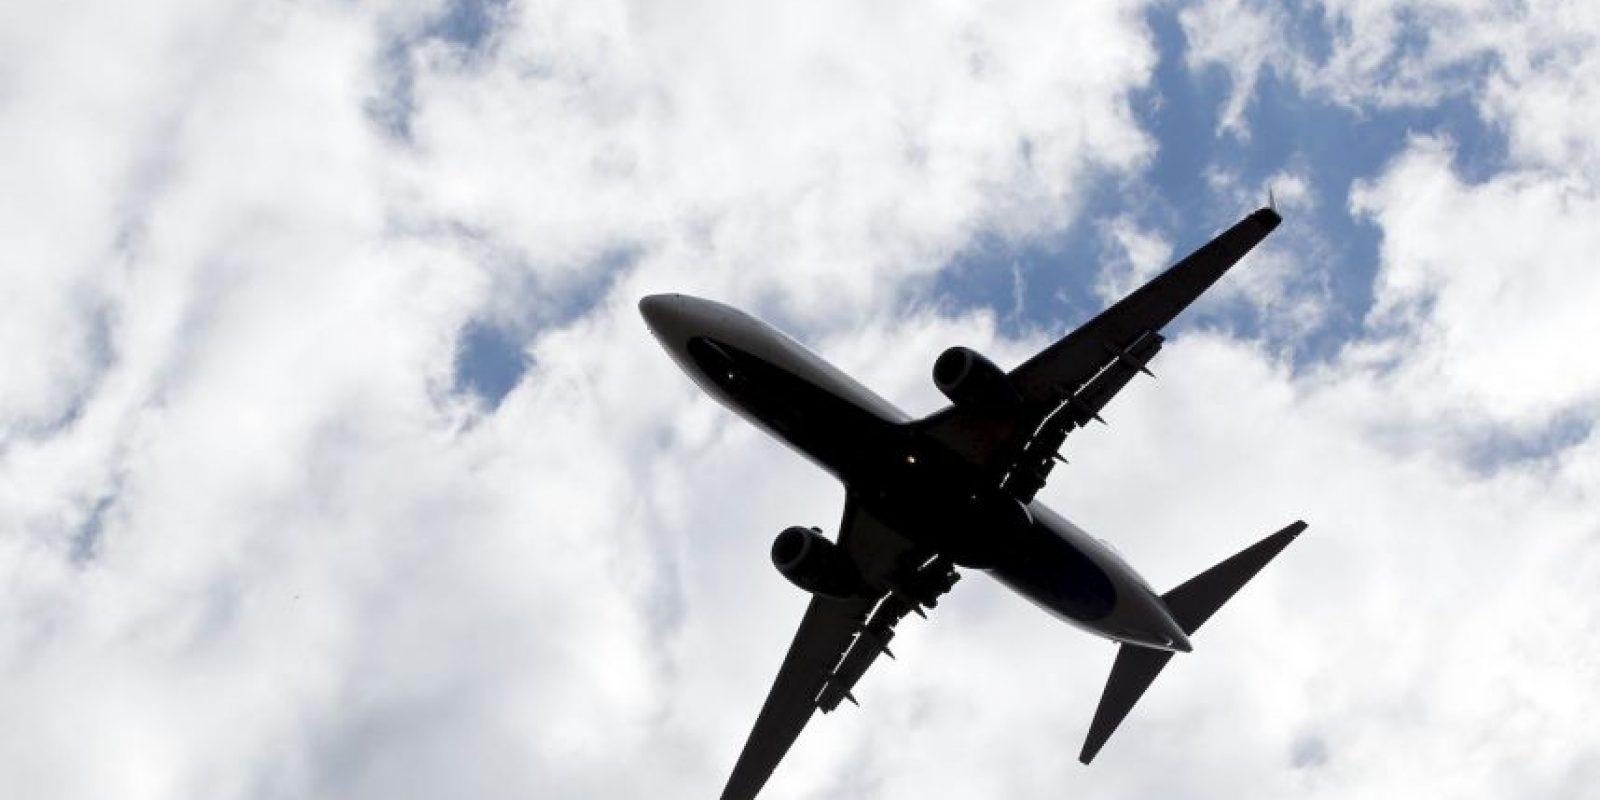 4. Se enojó porque le desearon Feliz Navidad y lo bajaron del avión Foto:Getty Images